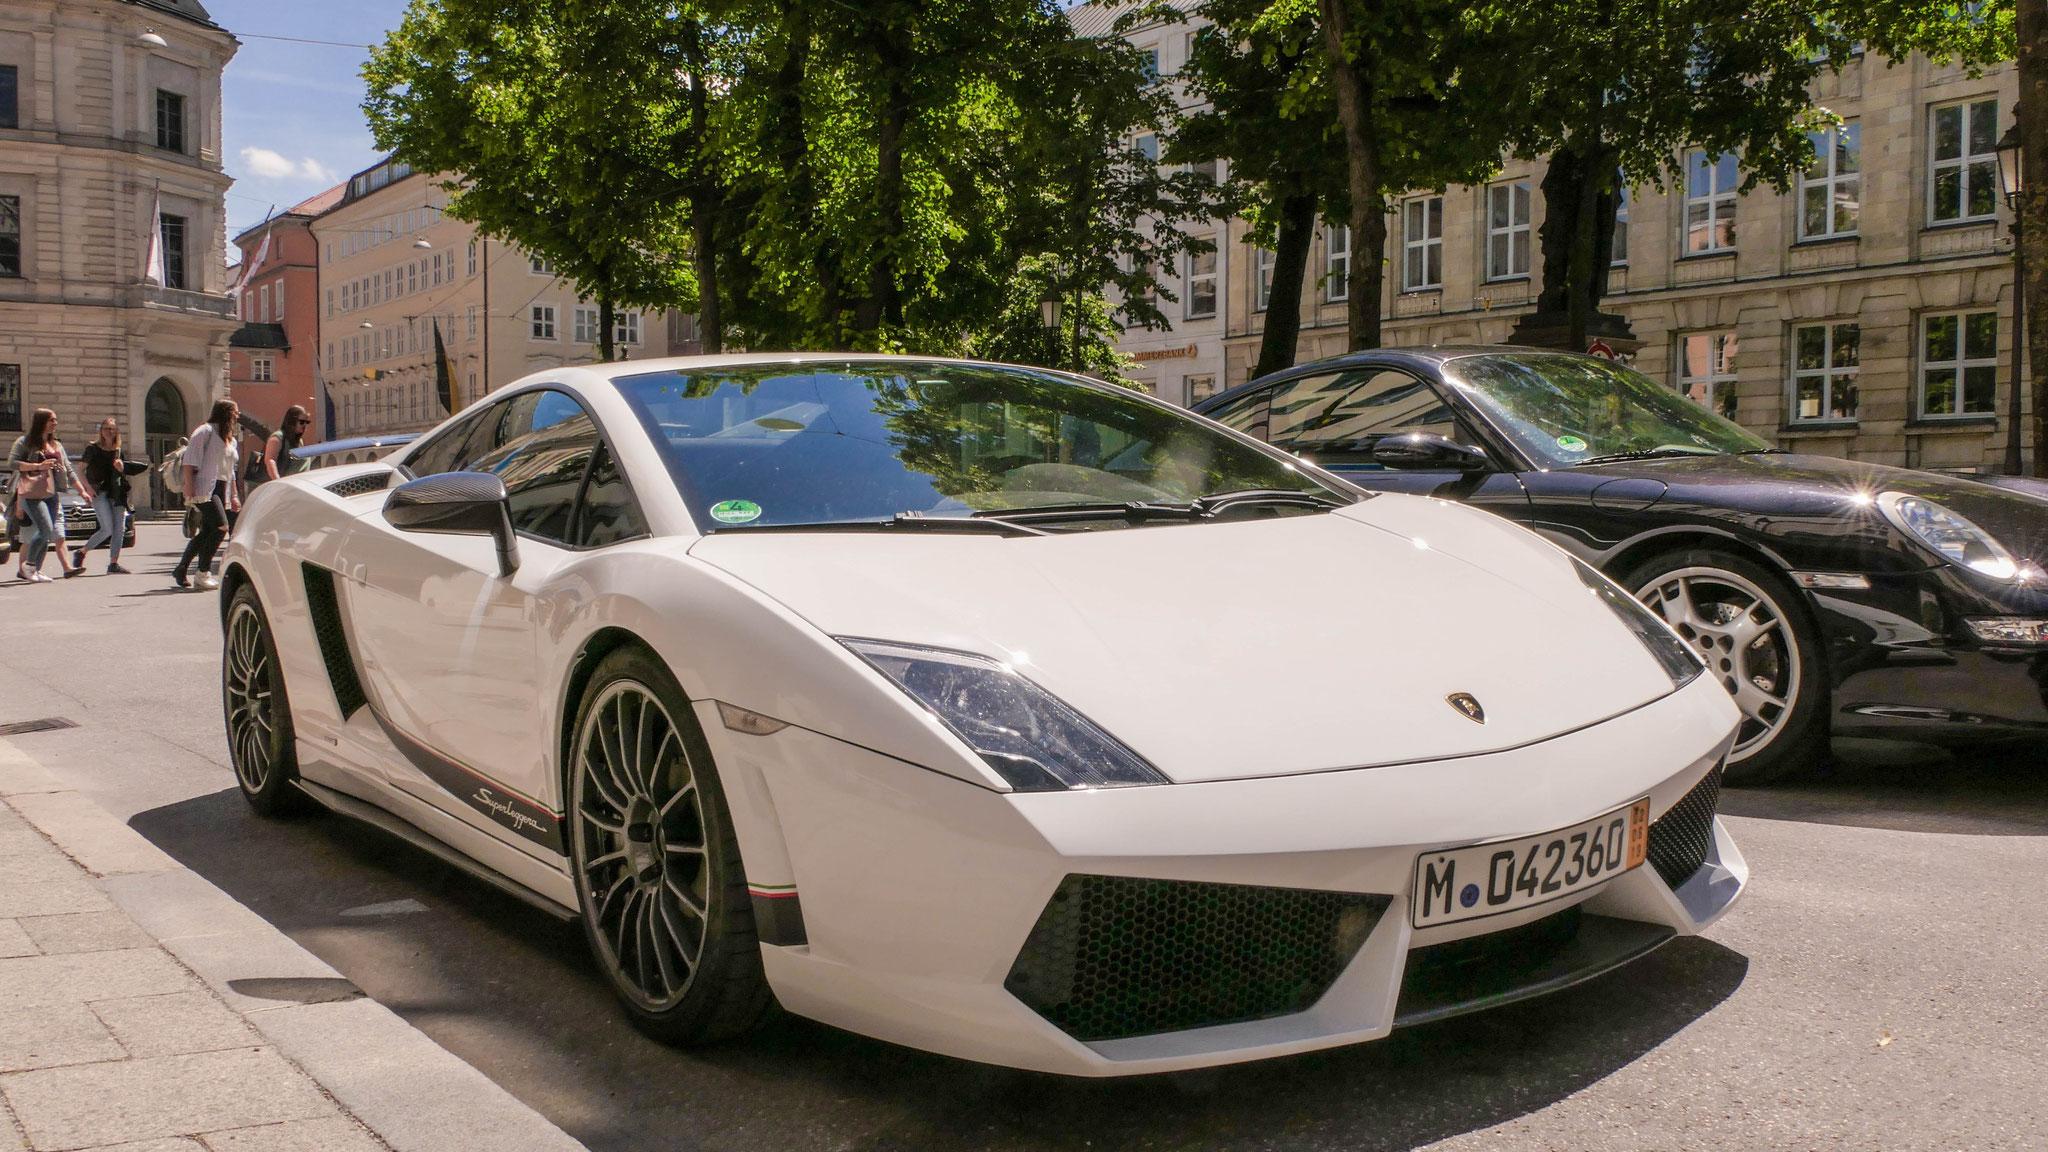 Lamborghini Gallardo Superleggera - M-042360